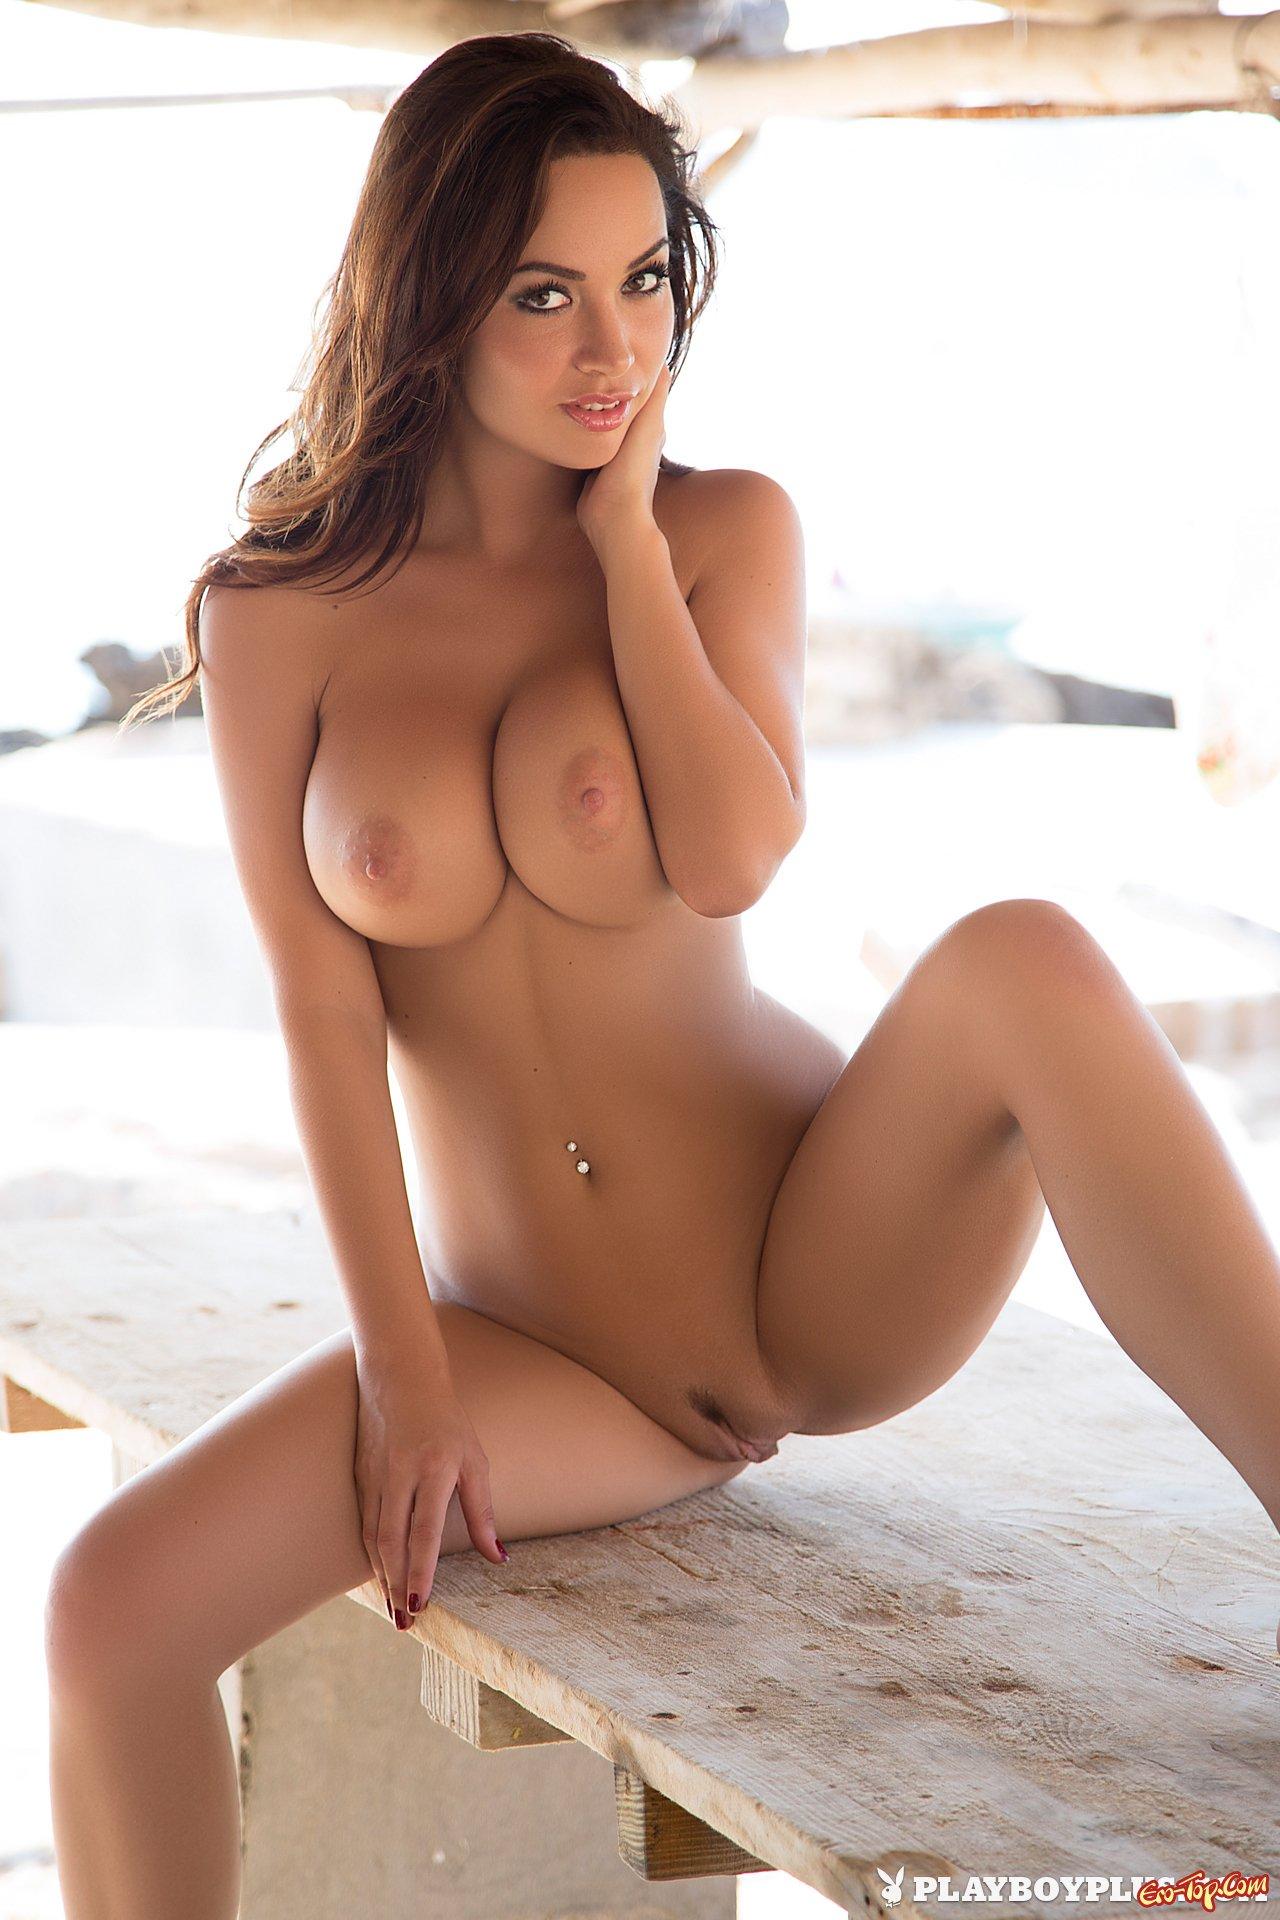 сисястые голые модели на фото - 3